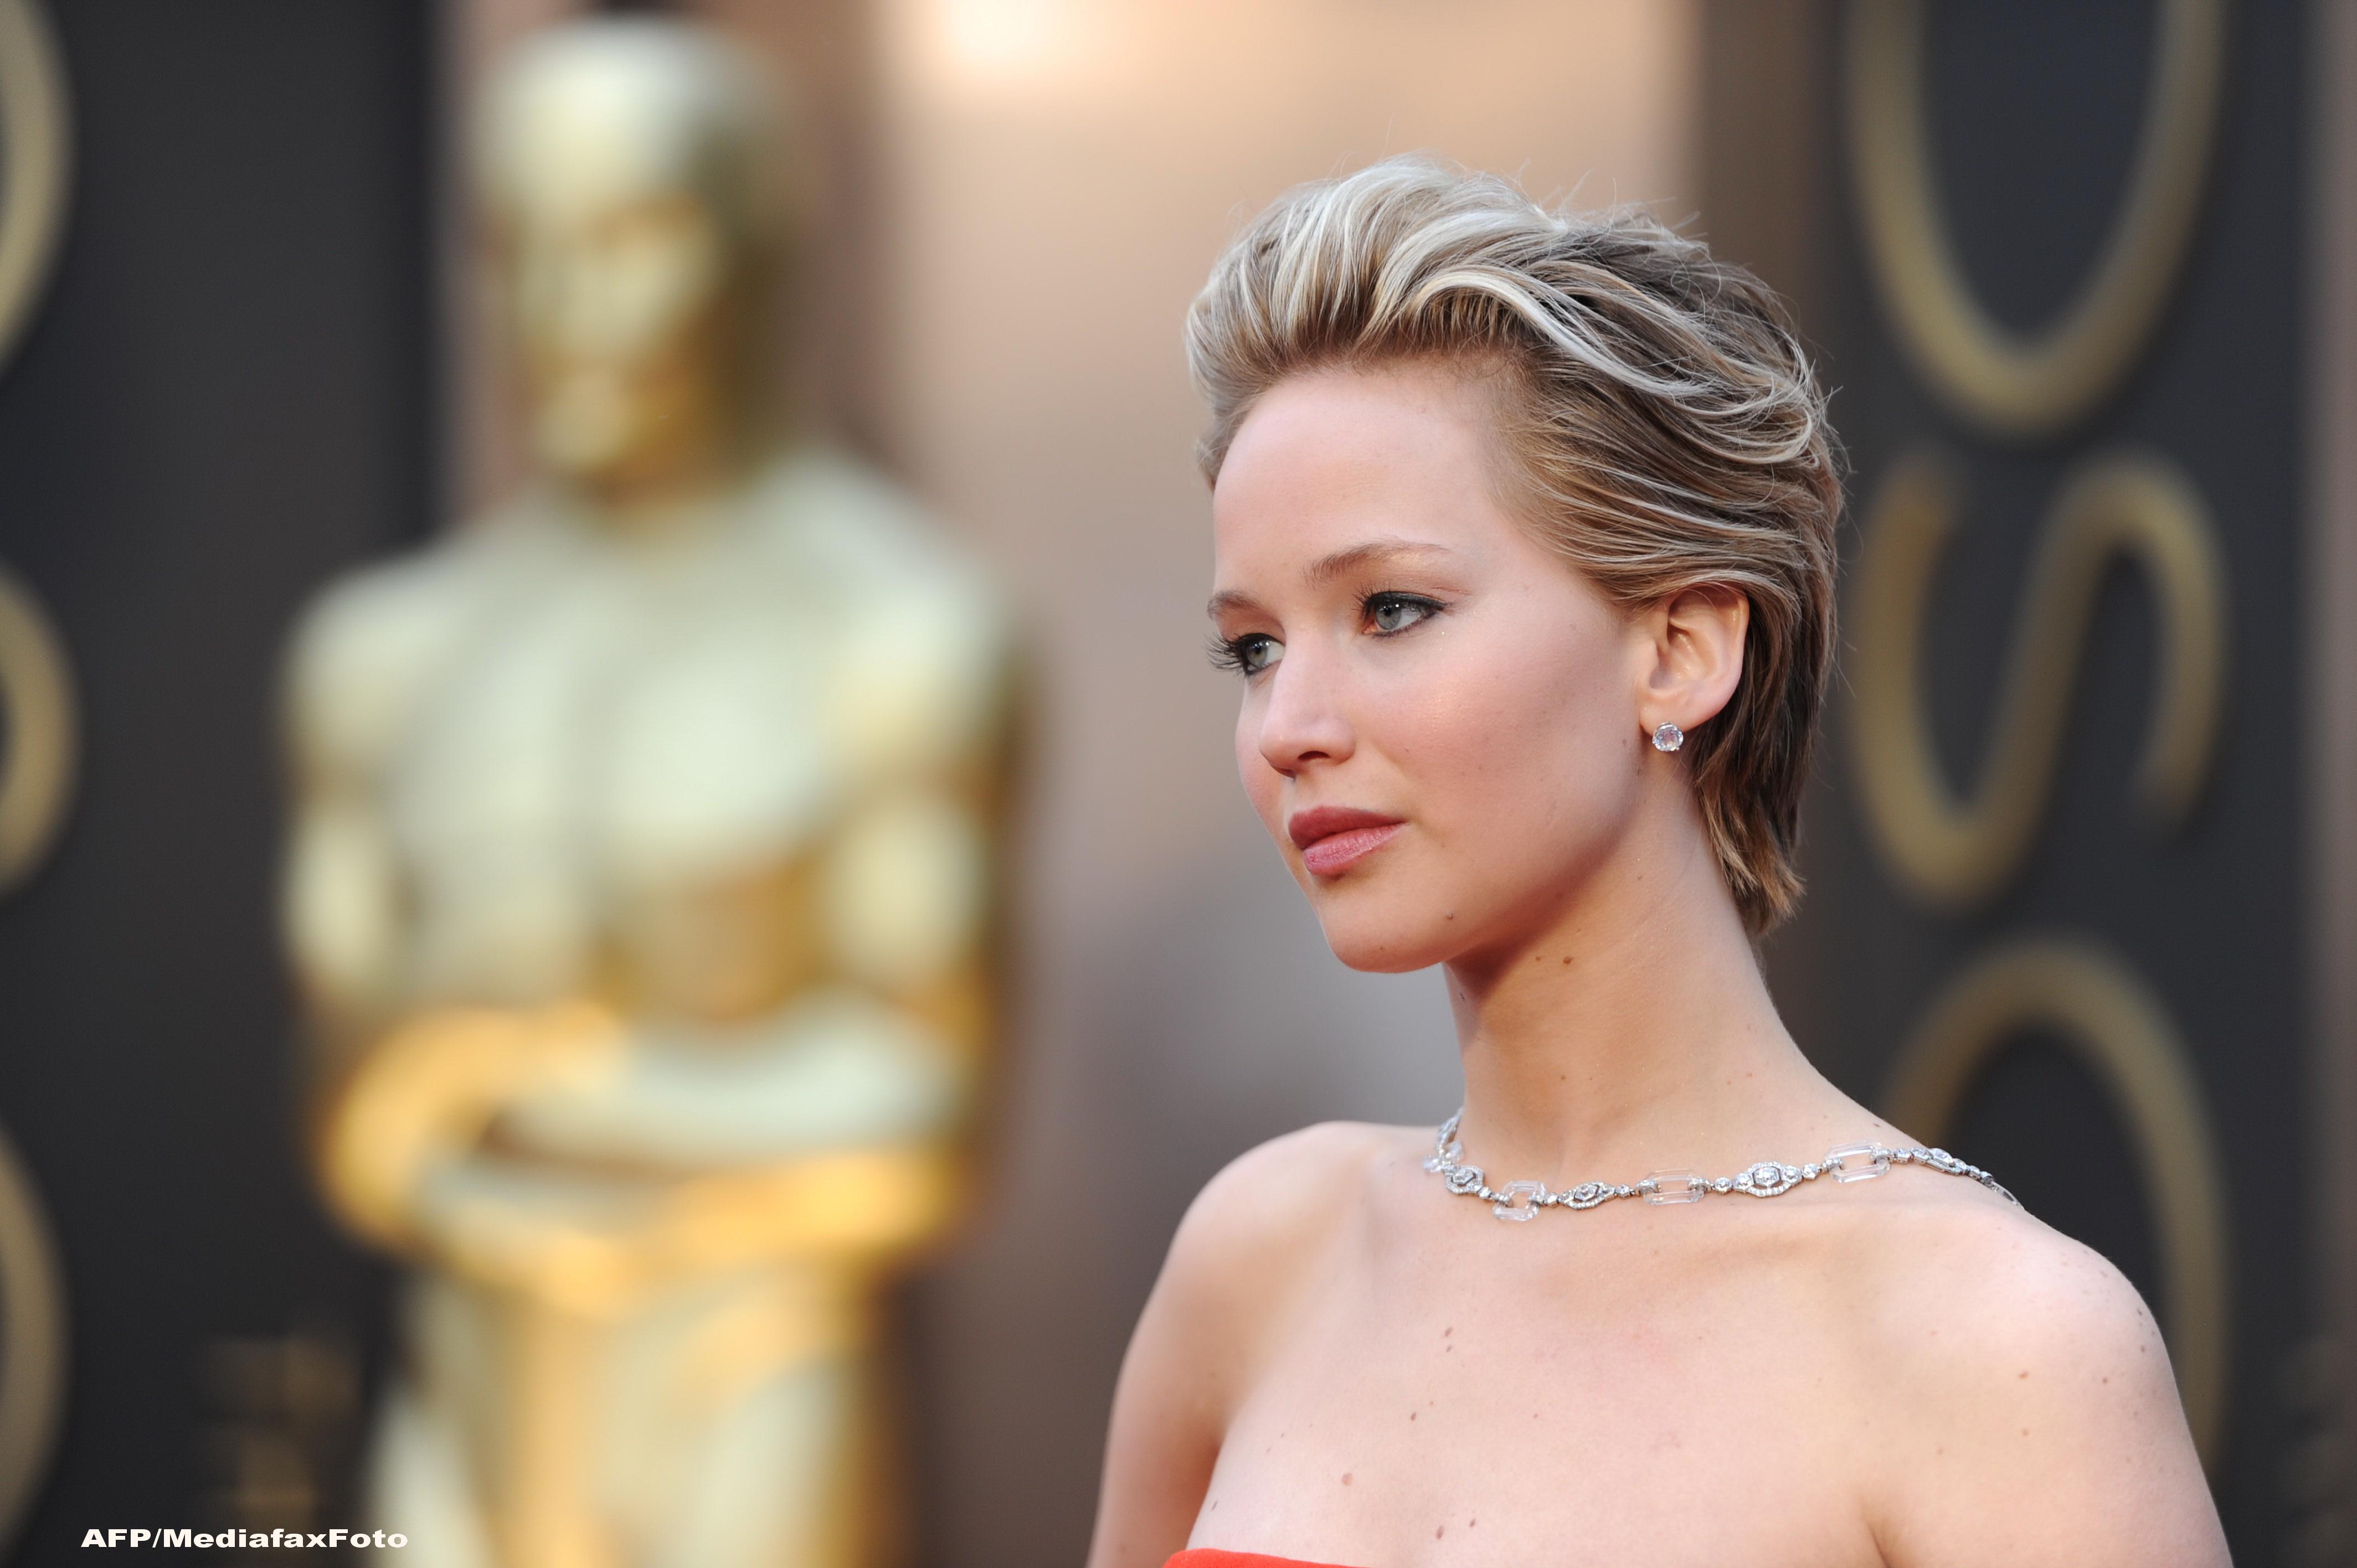 Jennifer Lawrence este cea mai bine platita actrita din lume. Cati bani a castigat intr-un singur an